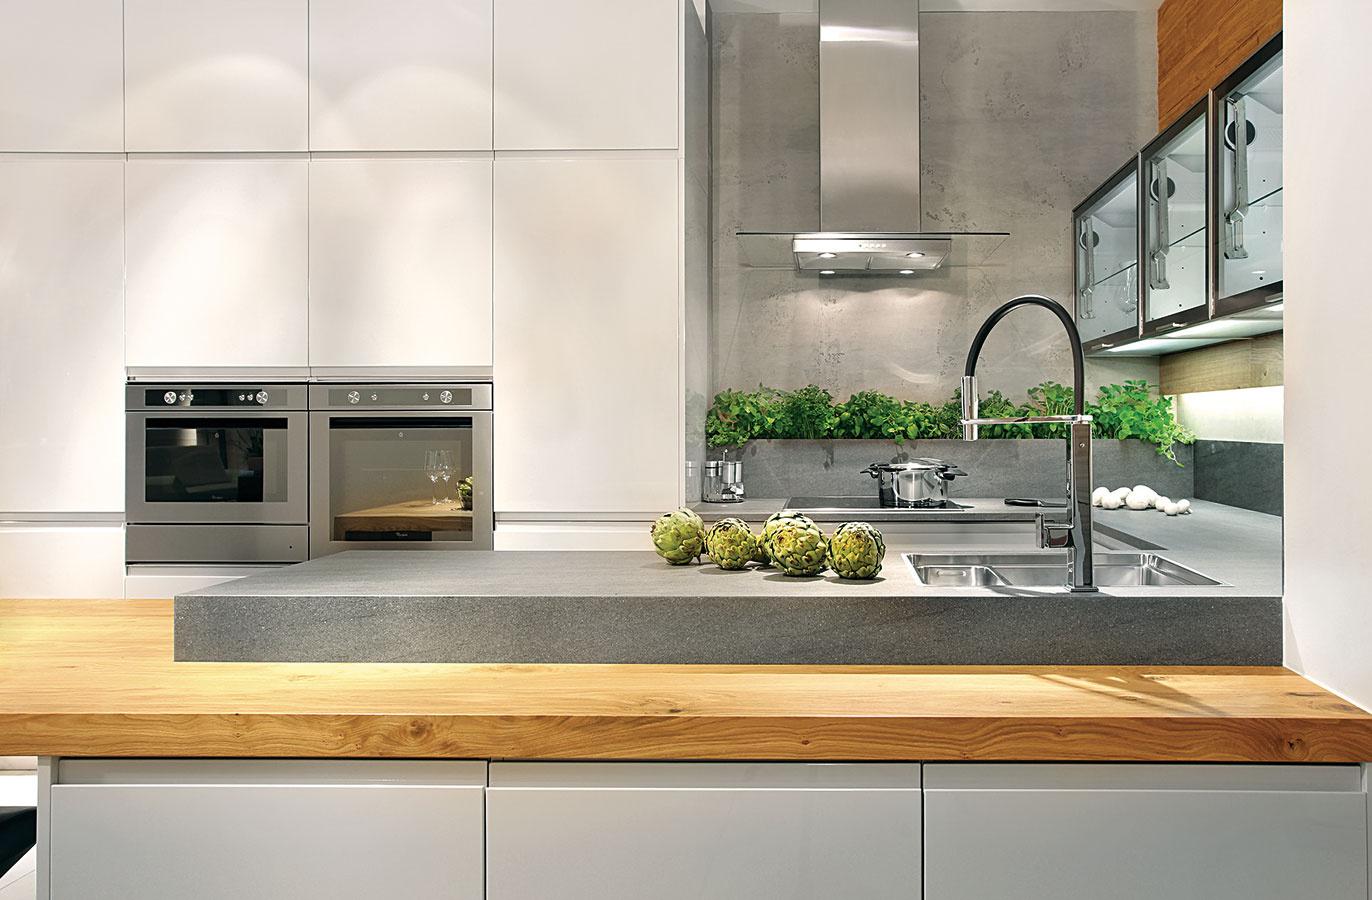 Linka vtvare Unemusí vždy kopírovať steny kuchyne. Jedno jej rameno môžete pokojne od jednej zo stien odsadiť, čo kuchyňu prirodzene prepojí sjedálenskou časťou. (foto: Sykora, predáva Domoss)